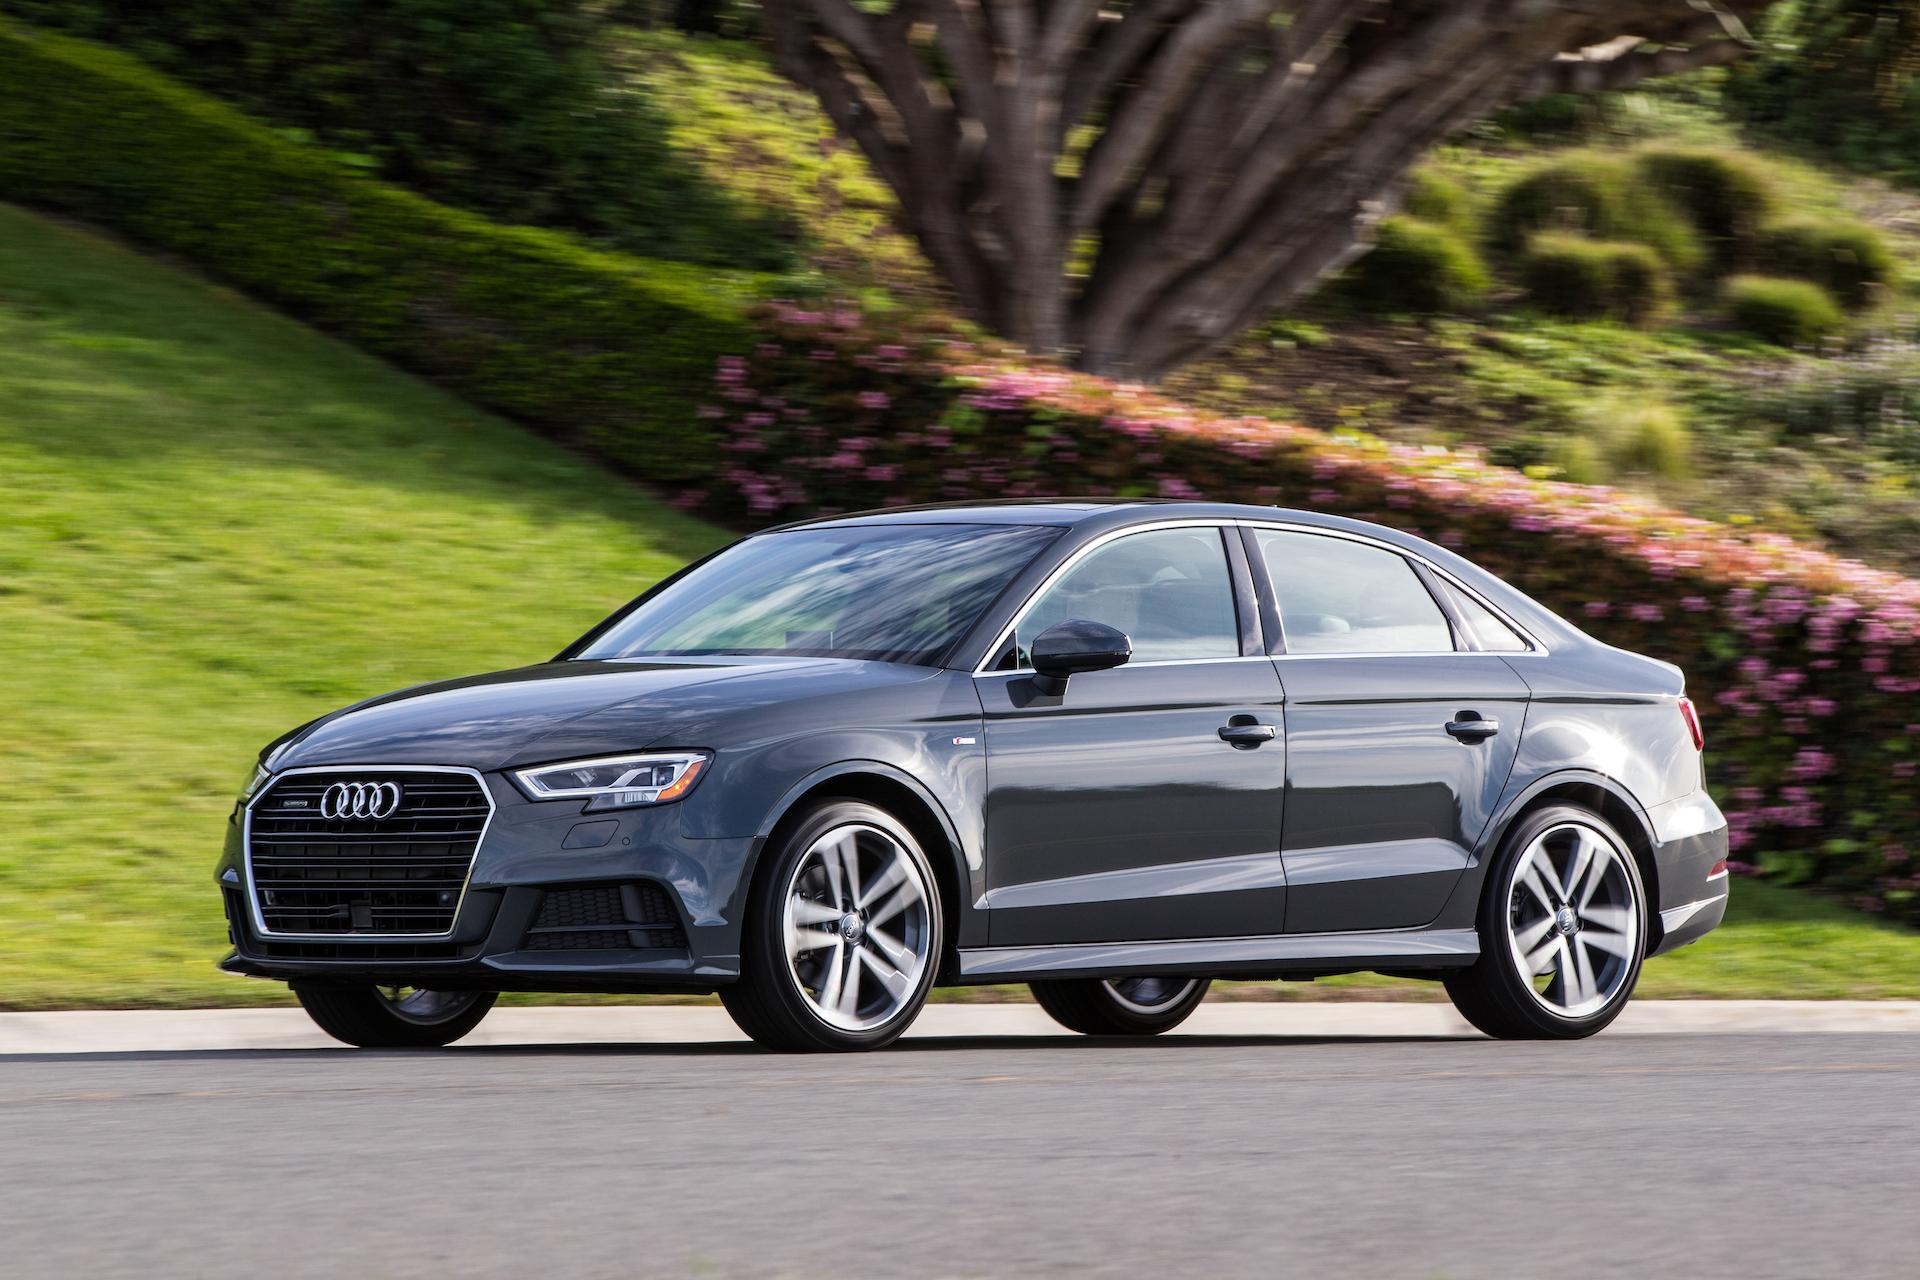 Kelebihan Kekurangan A3 Audi 2019 Harga